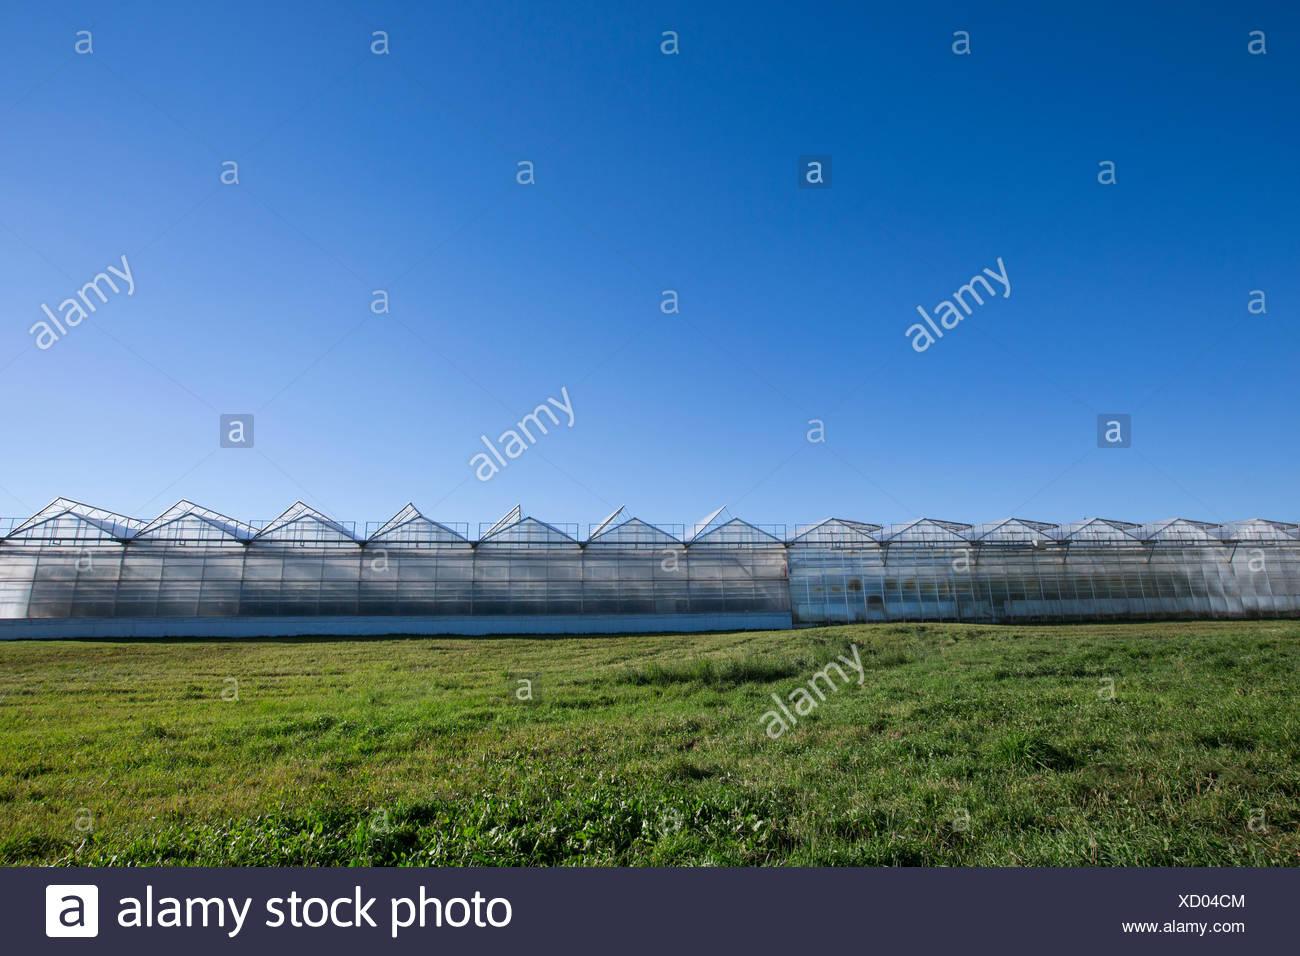 Invernaderos en una fila debajo de un cielo azul Imagen De Stock